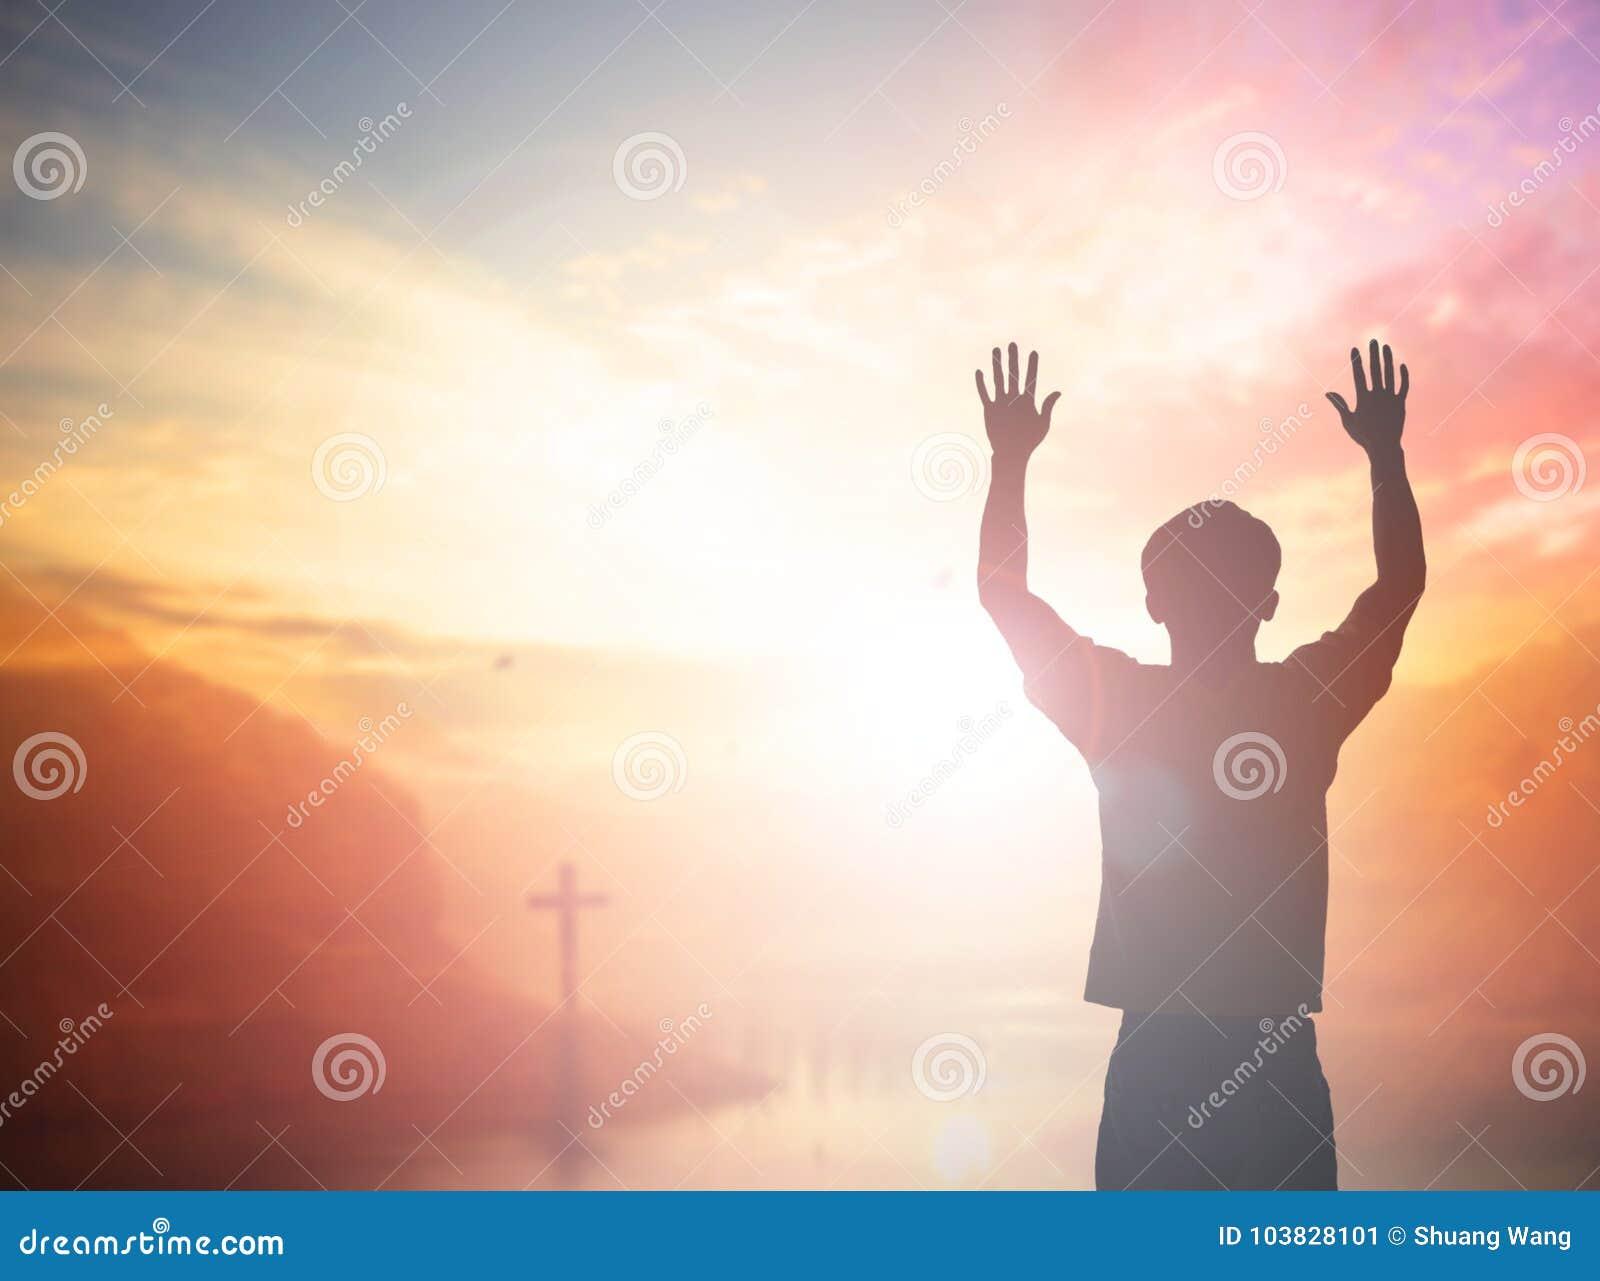 Mann Aufstiegshände Der Schattenbildfreiheit Spornen